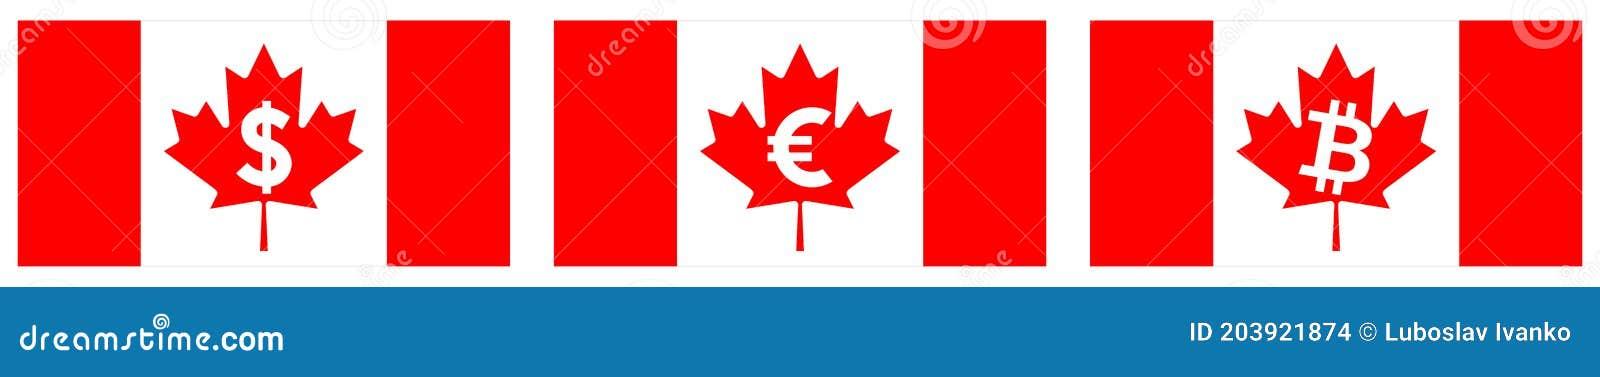 commercio bitcoin canadese)